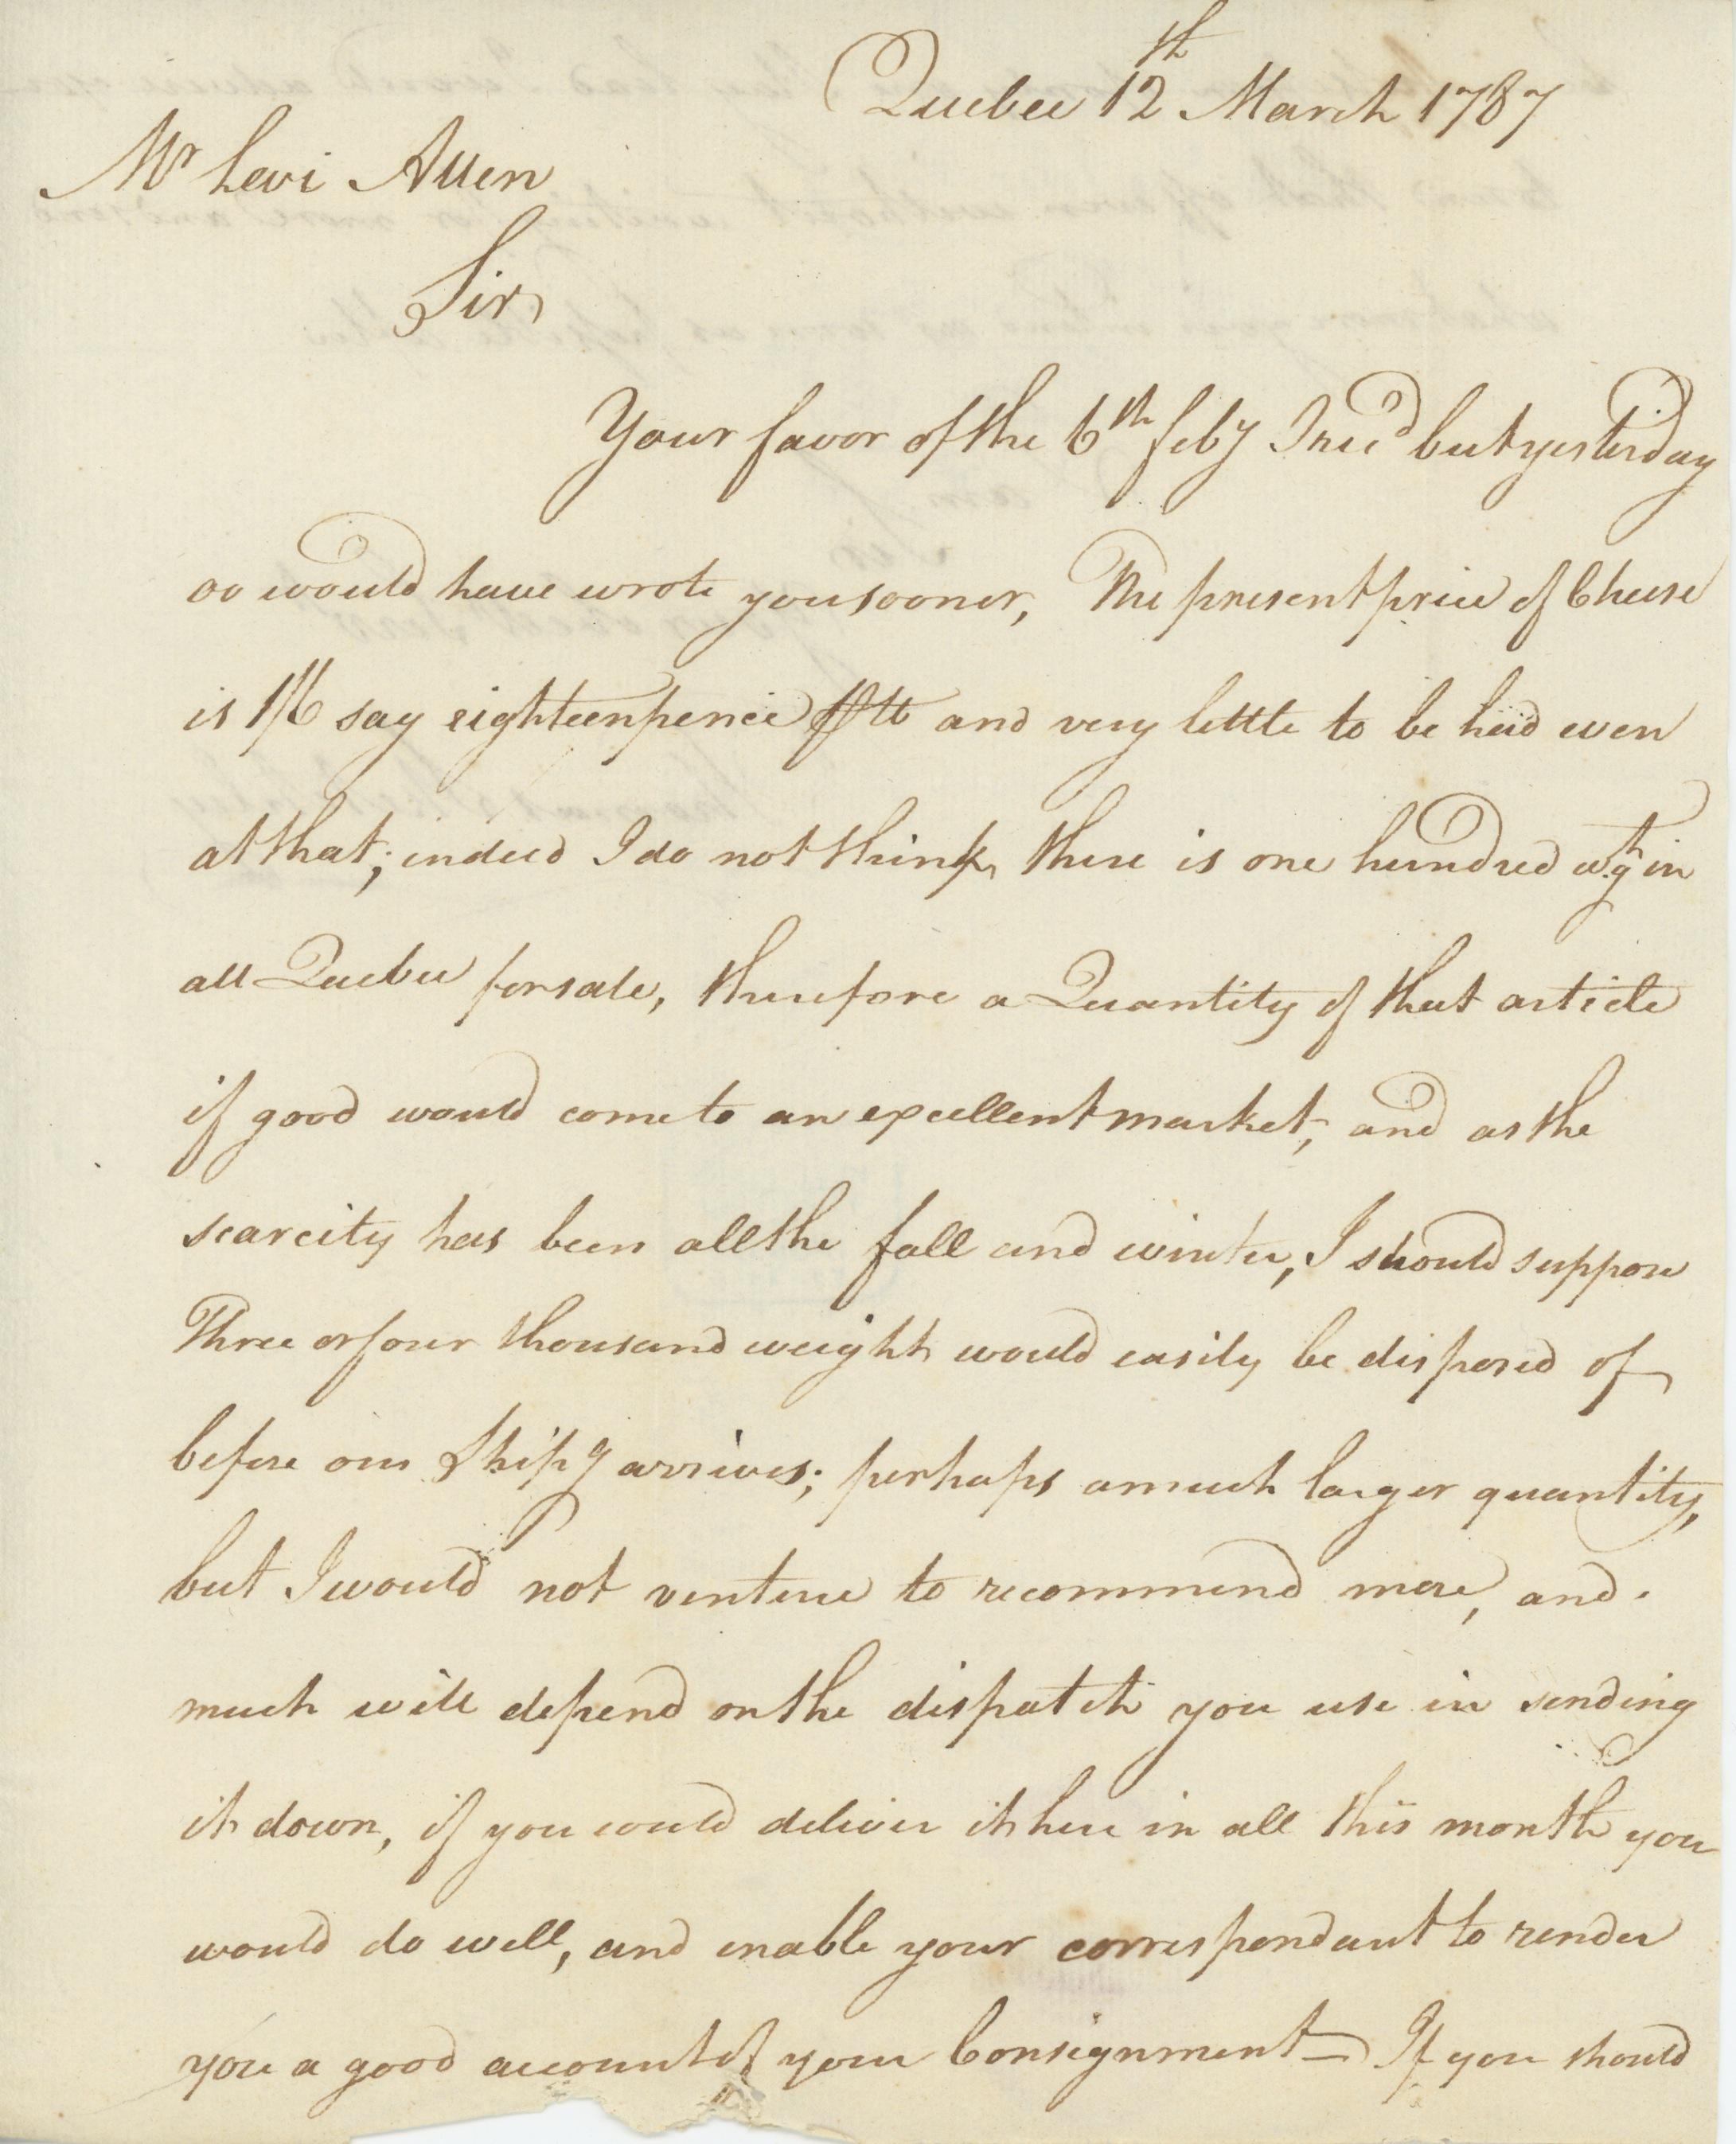 eej-1787-sketchley-quebecletter.jpeg